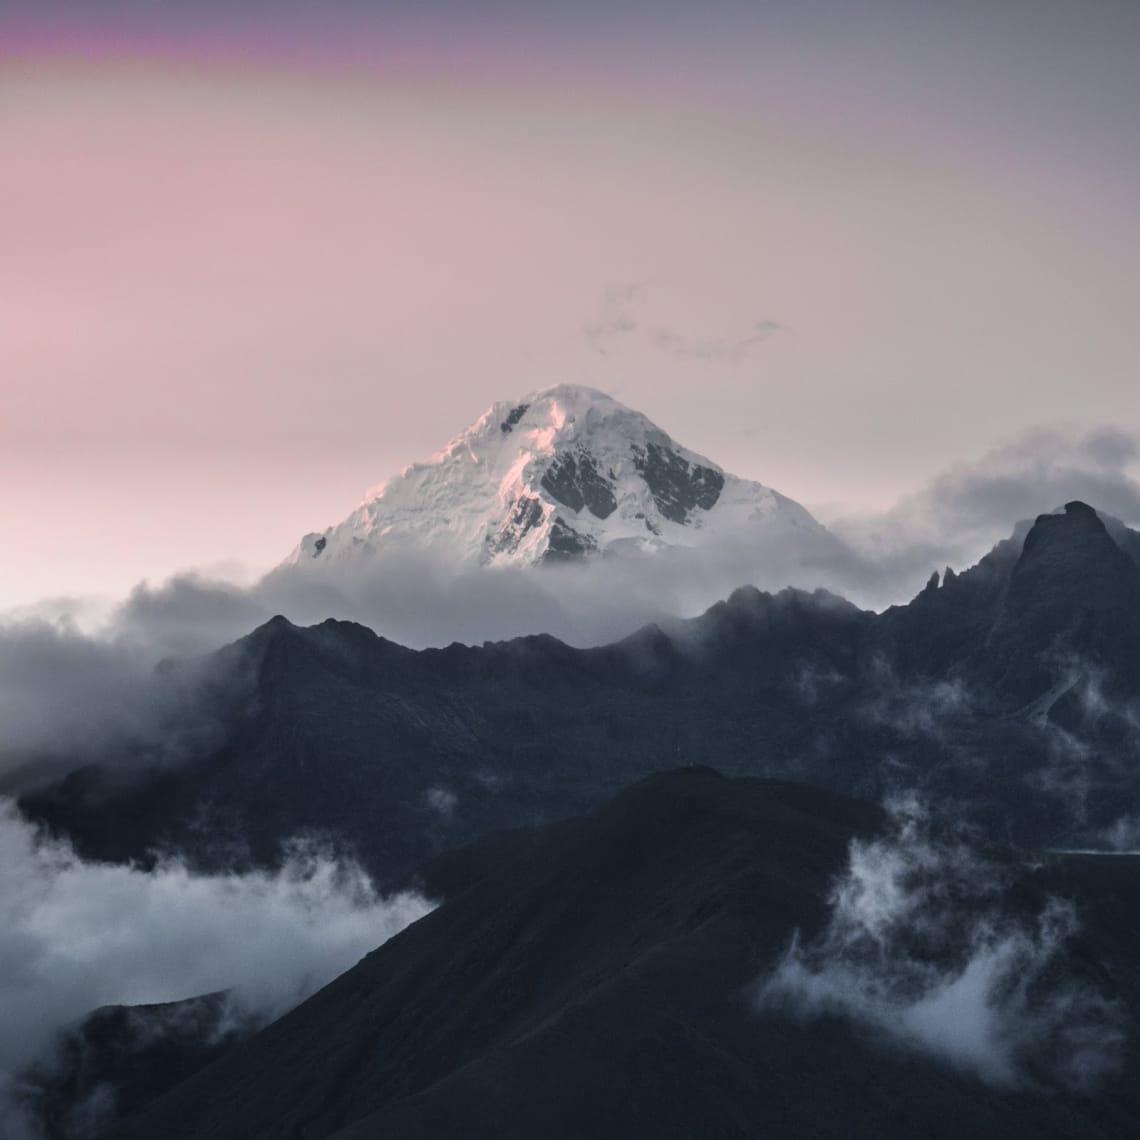 Nem imaginava que era possível ver lugares como esse na América do Sul, Mount Veronica - Peru